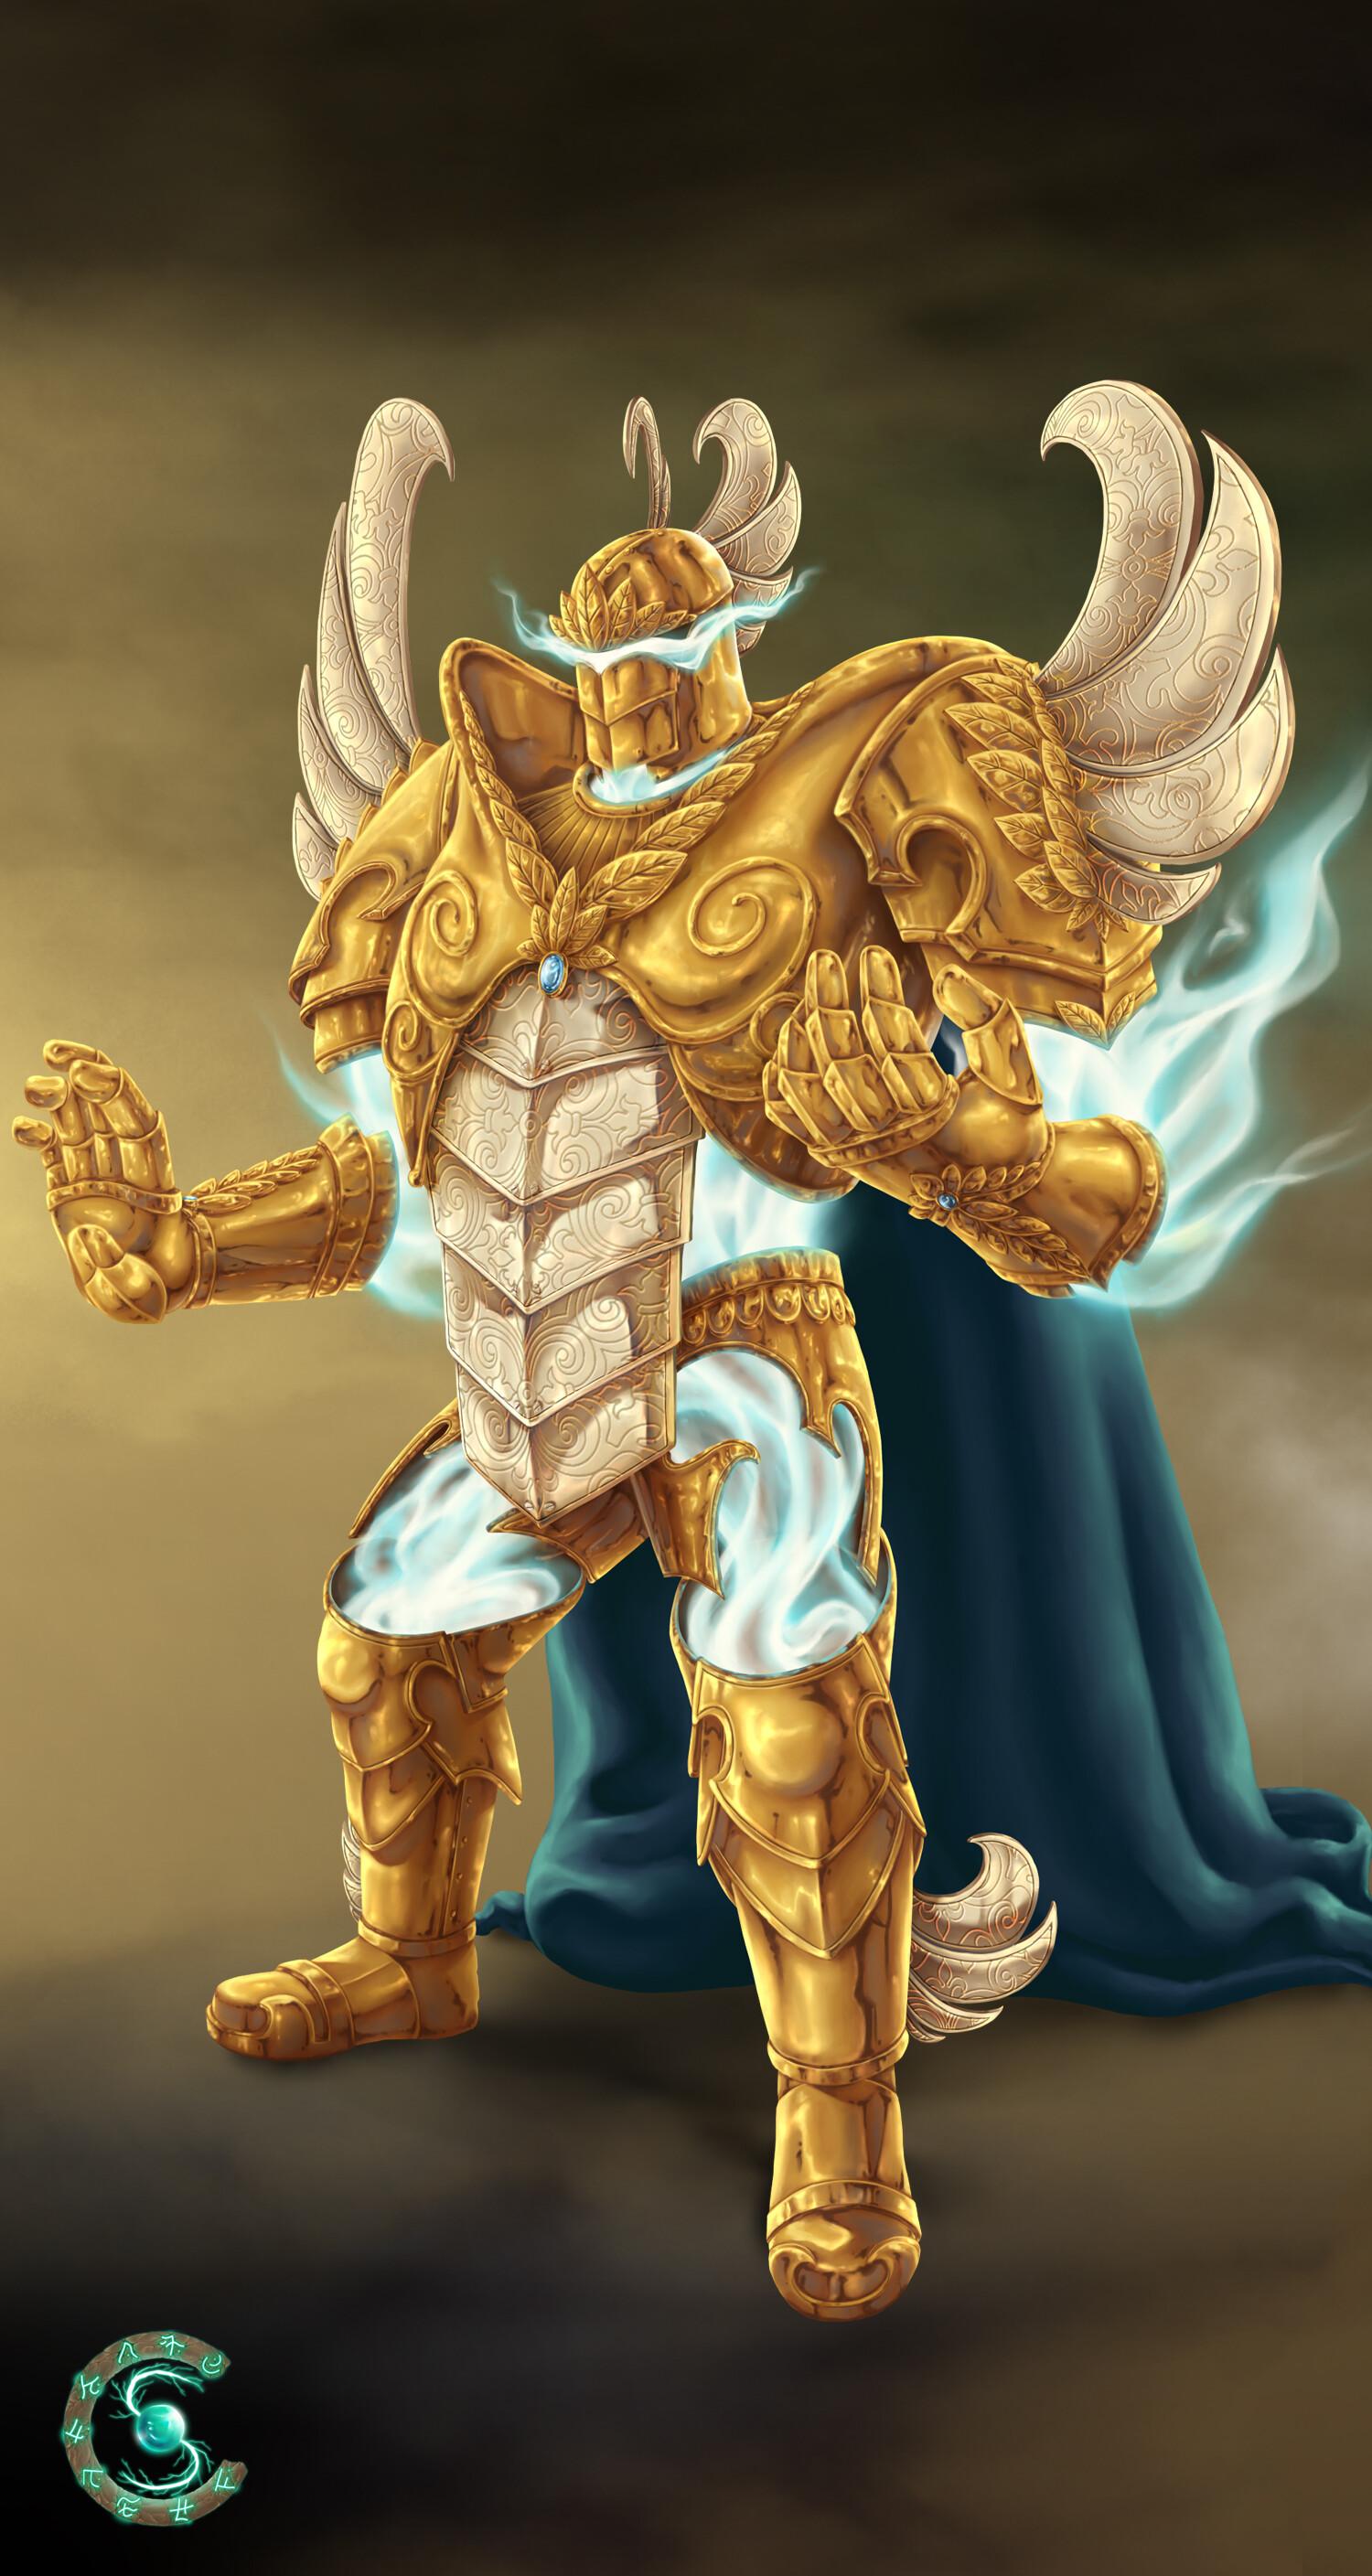 ArtStation - Sentient armour paladin for Spellcraft, Hanka